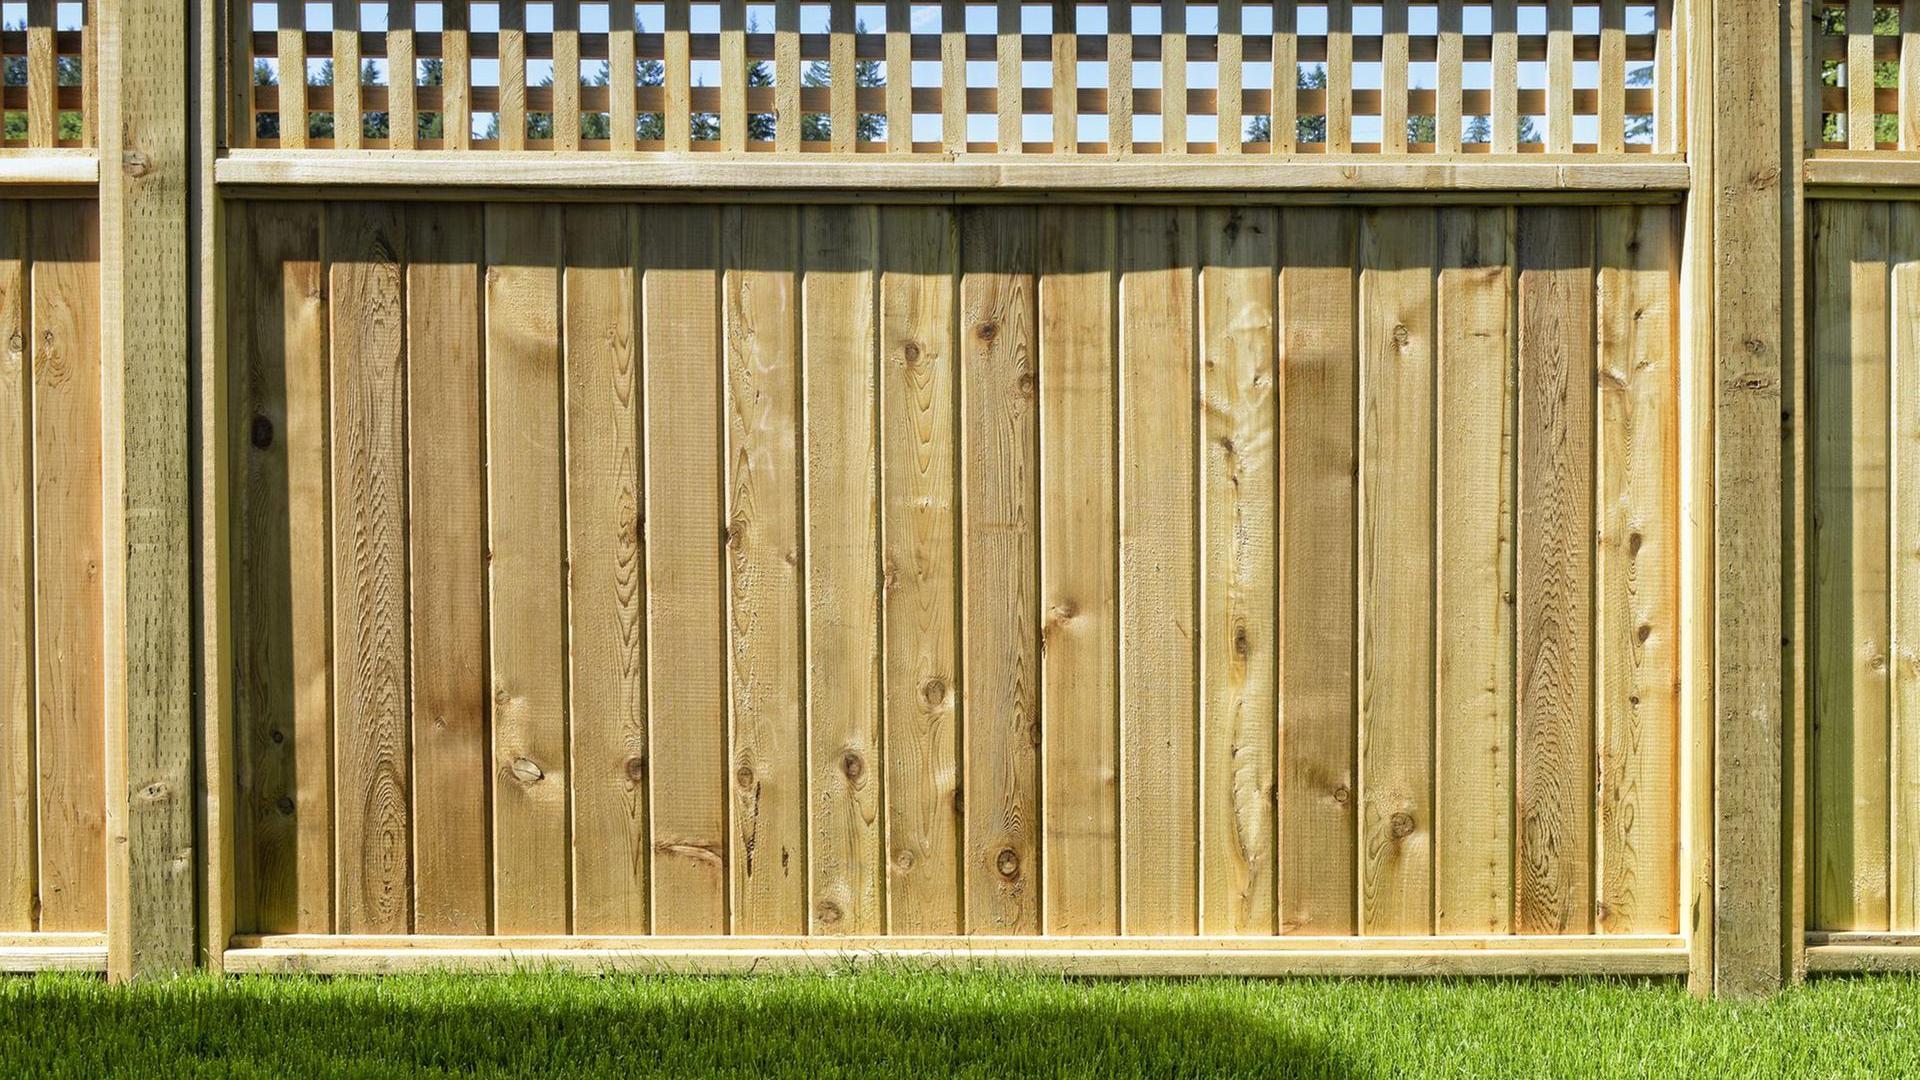 Full Size of Garten Zaun Bauen Sie Doch Ihr Gartentor Aus Holz Selbst Bewässerung Automatisch Sichtschutz Schaukelstuhl Wassertank Bewässerungssysteme Kandelaber Garten Garten Zaun